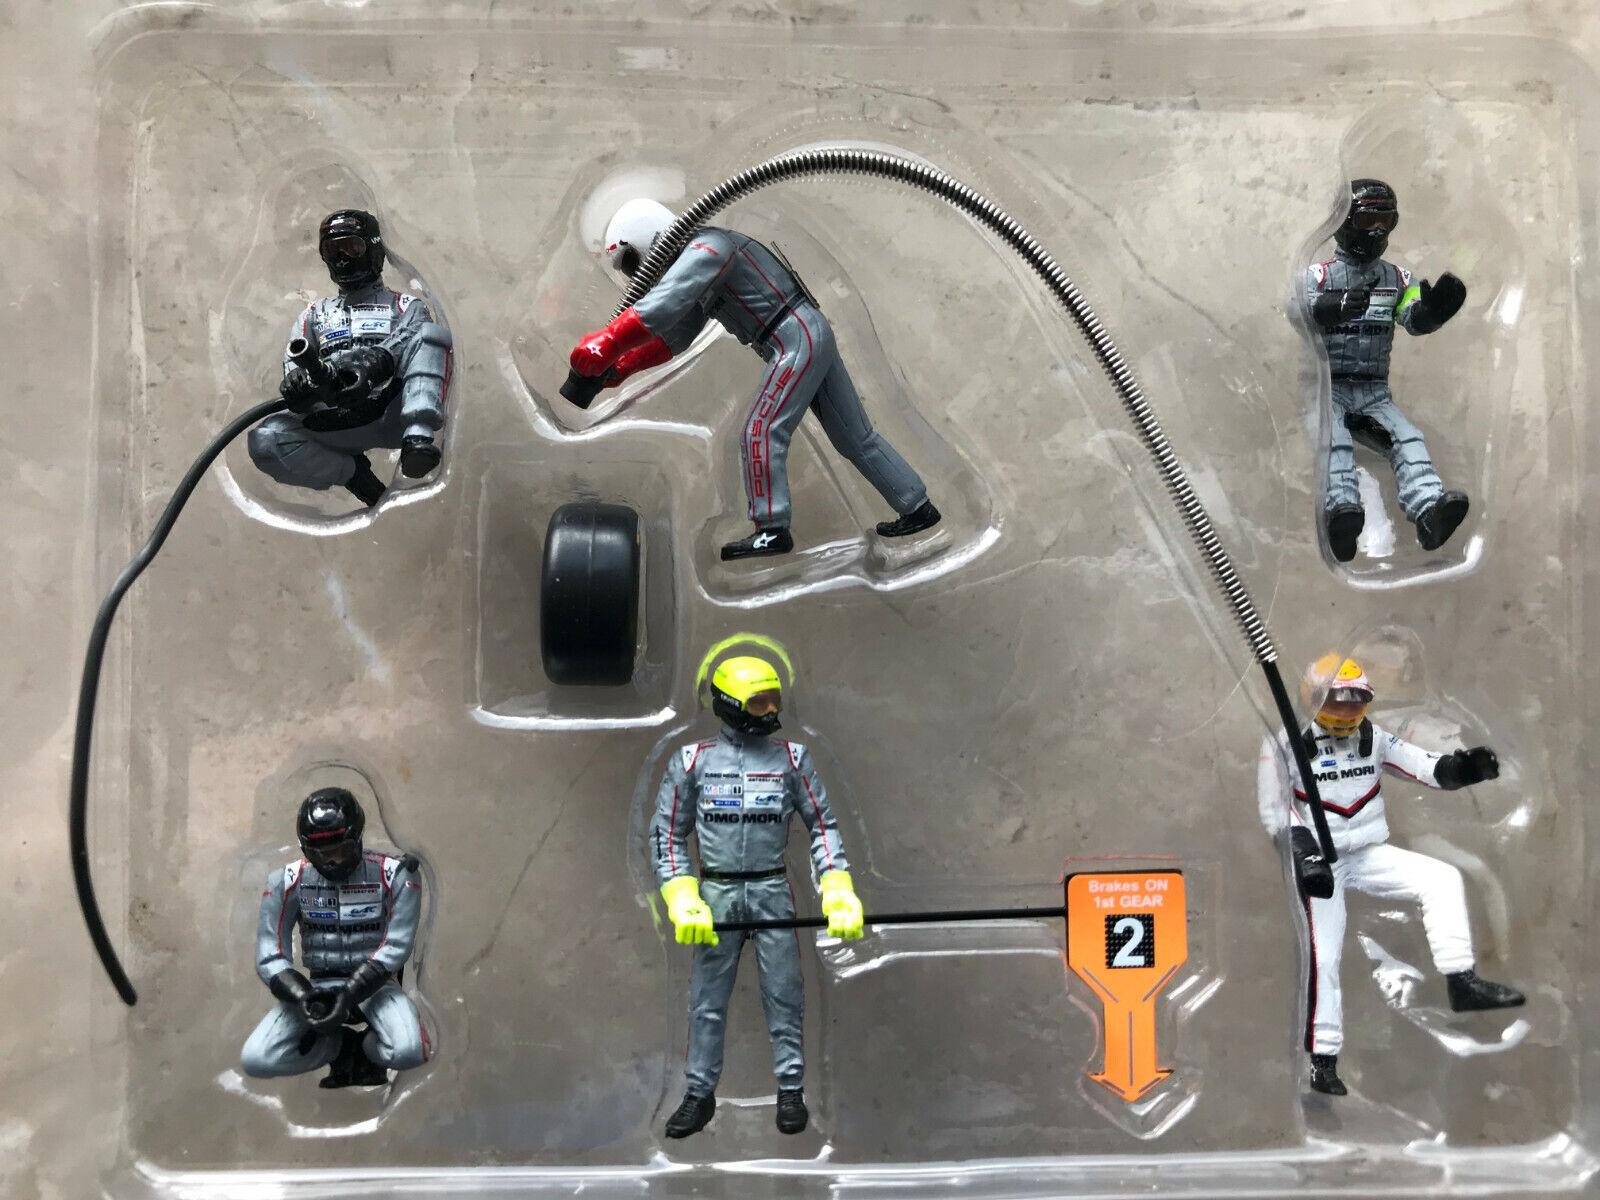 1 43 Porsche boxes Crew LMP1 for   2 6 Figure 24h Le Mans 2017 Spark 43AC011 nouveau  boutique en ligne